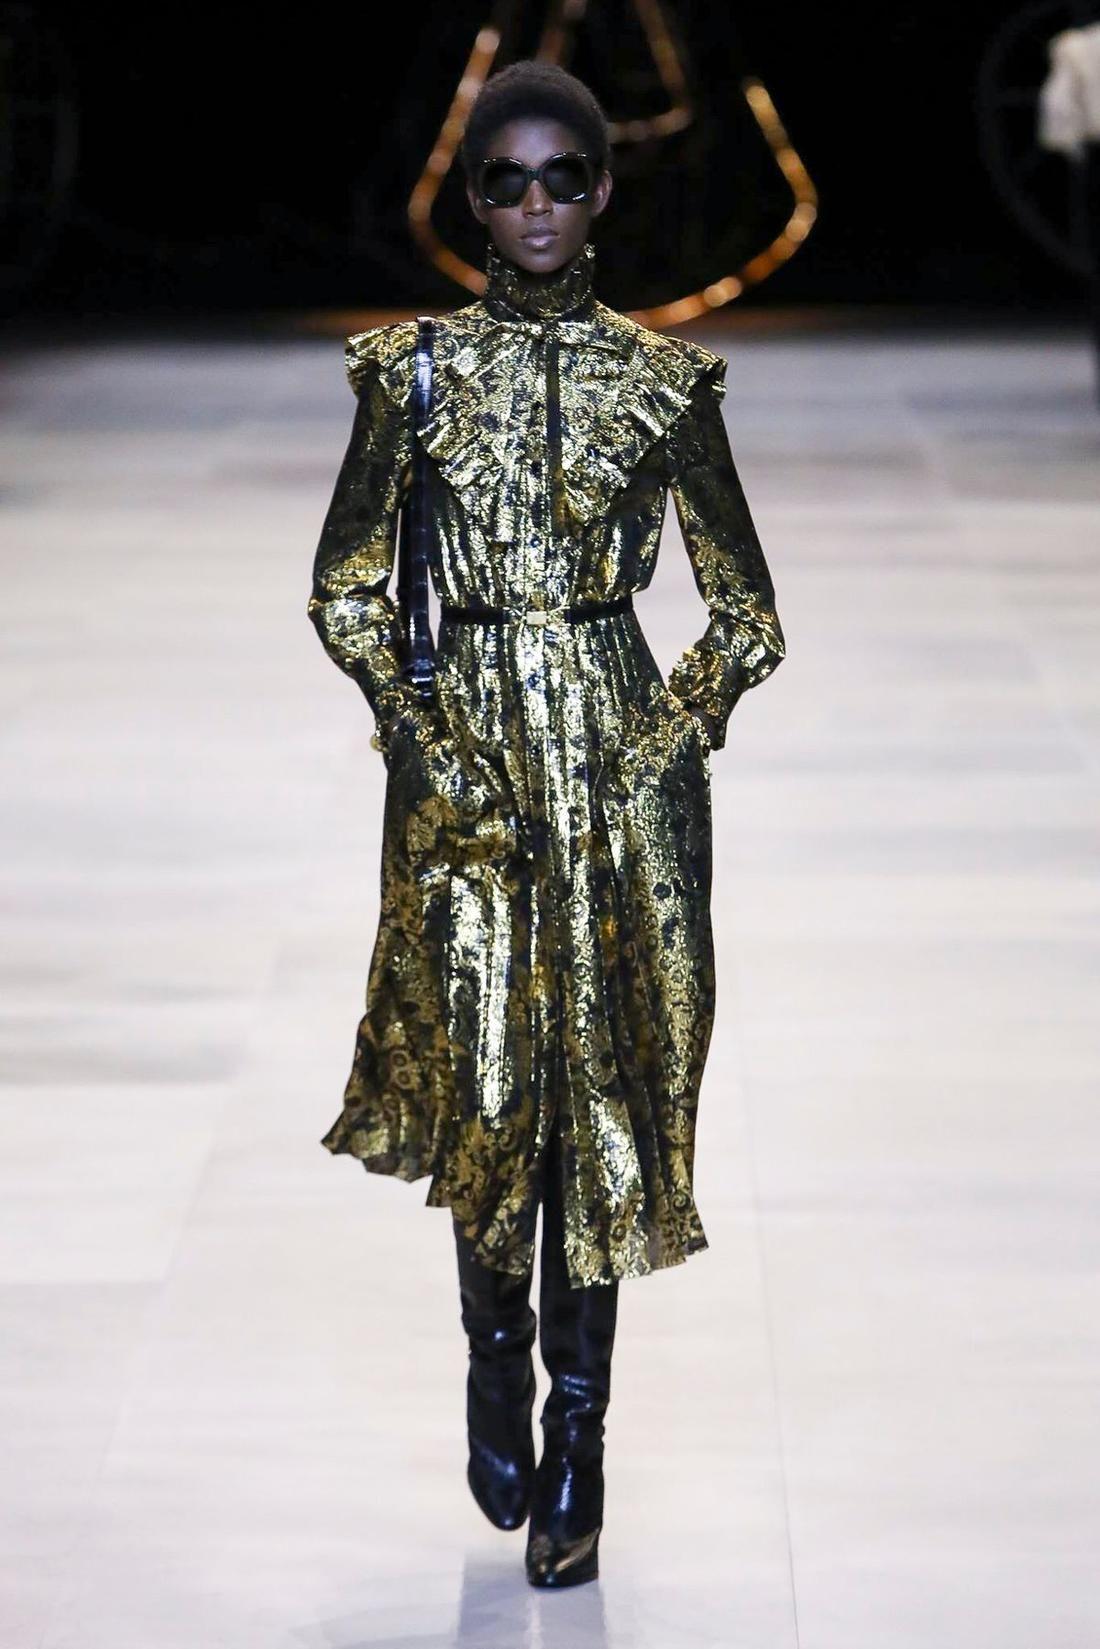 فساتين سهرة ترتر موضة خريف 2020 مجلة سيدتي قدم المصممون مجموعة من فساتين سهرة مزينة بالترتر والخامات اللامعة ضمنمجموعا Ready To Wear How To Wear Live Fashion